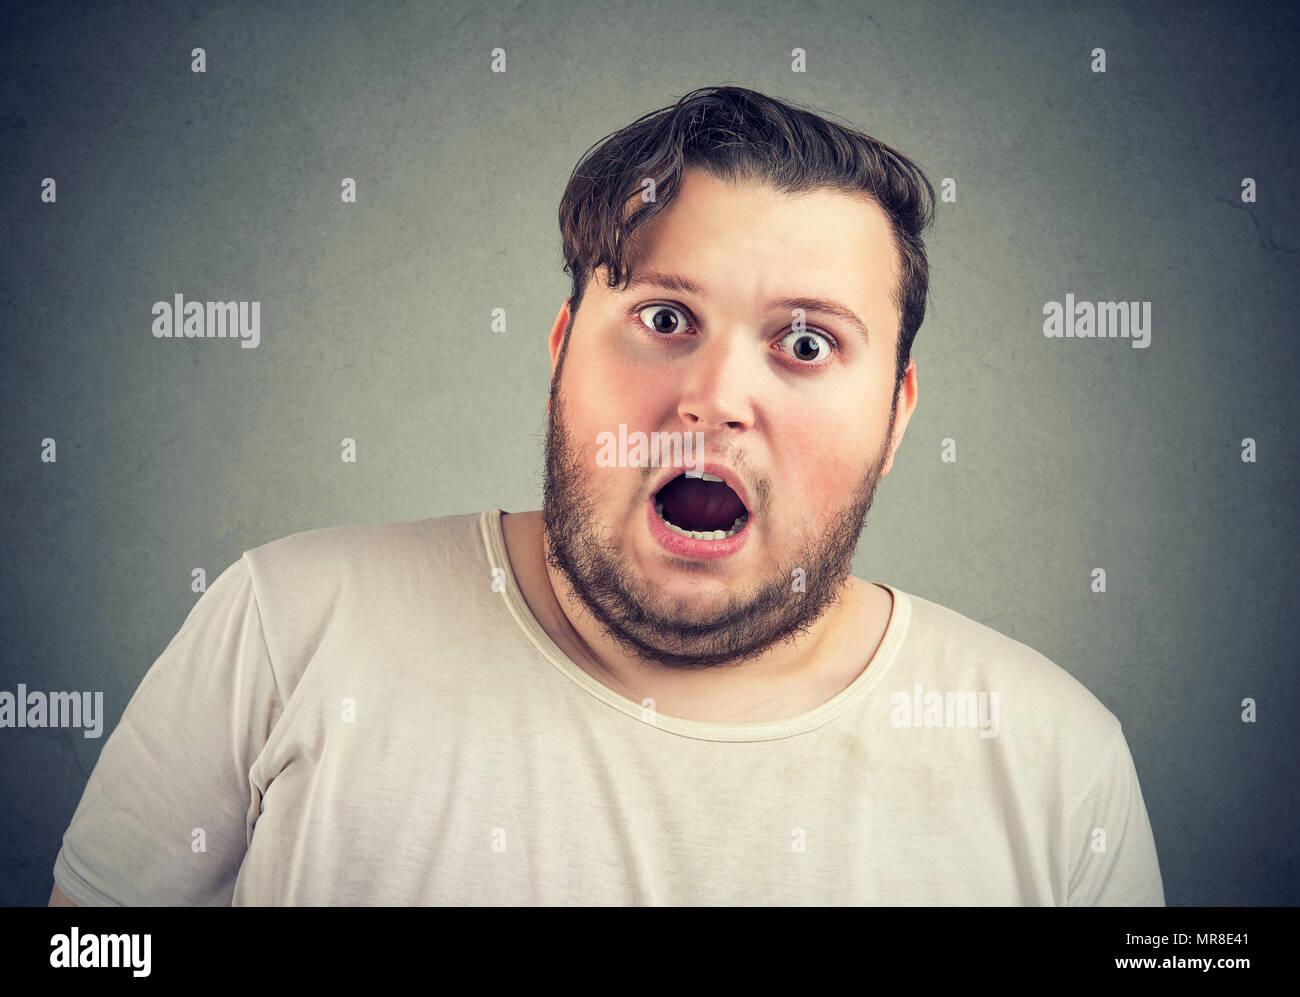 Nahaufnahme der übergewichtigen Mann, Angst mit dem Mund an der Kamera auf grauem Hintergrund geöffnet. Stockbild